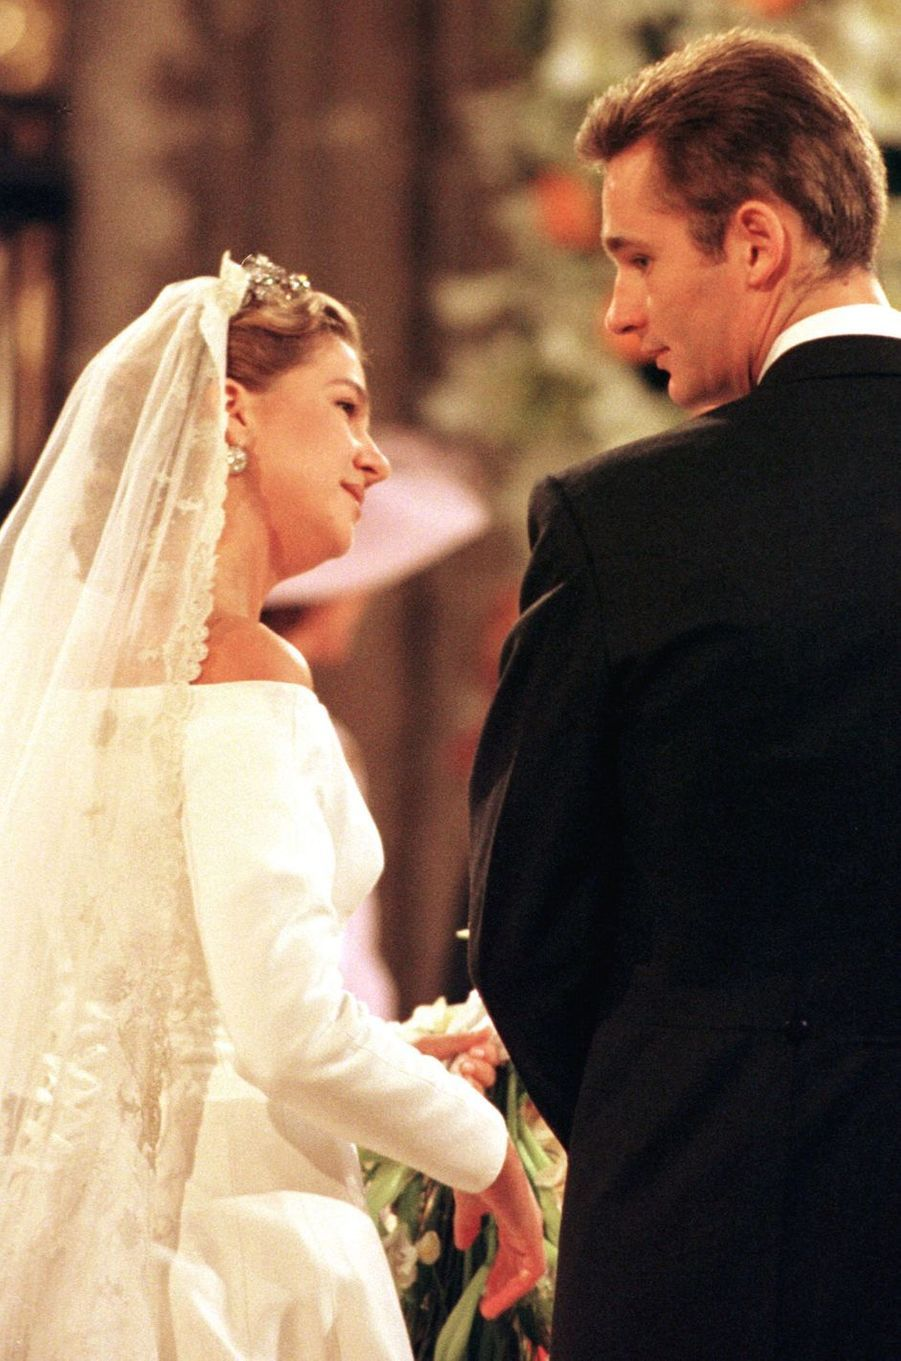 L'infante Cristina d'Espagne et Inaki Urdangarin le jour de leur mariage, à Barcelone le 4 octobre 1997